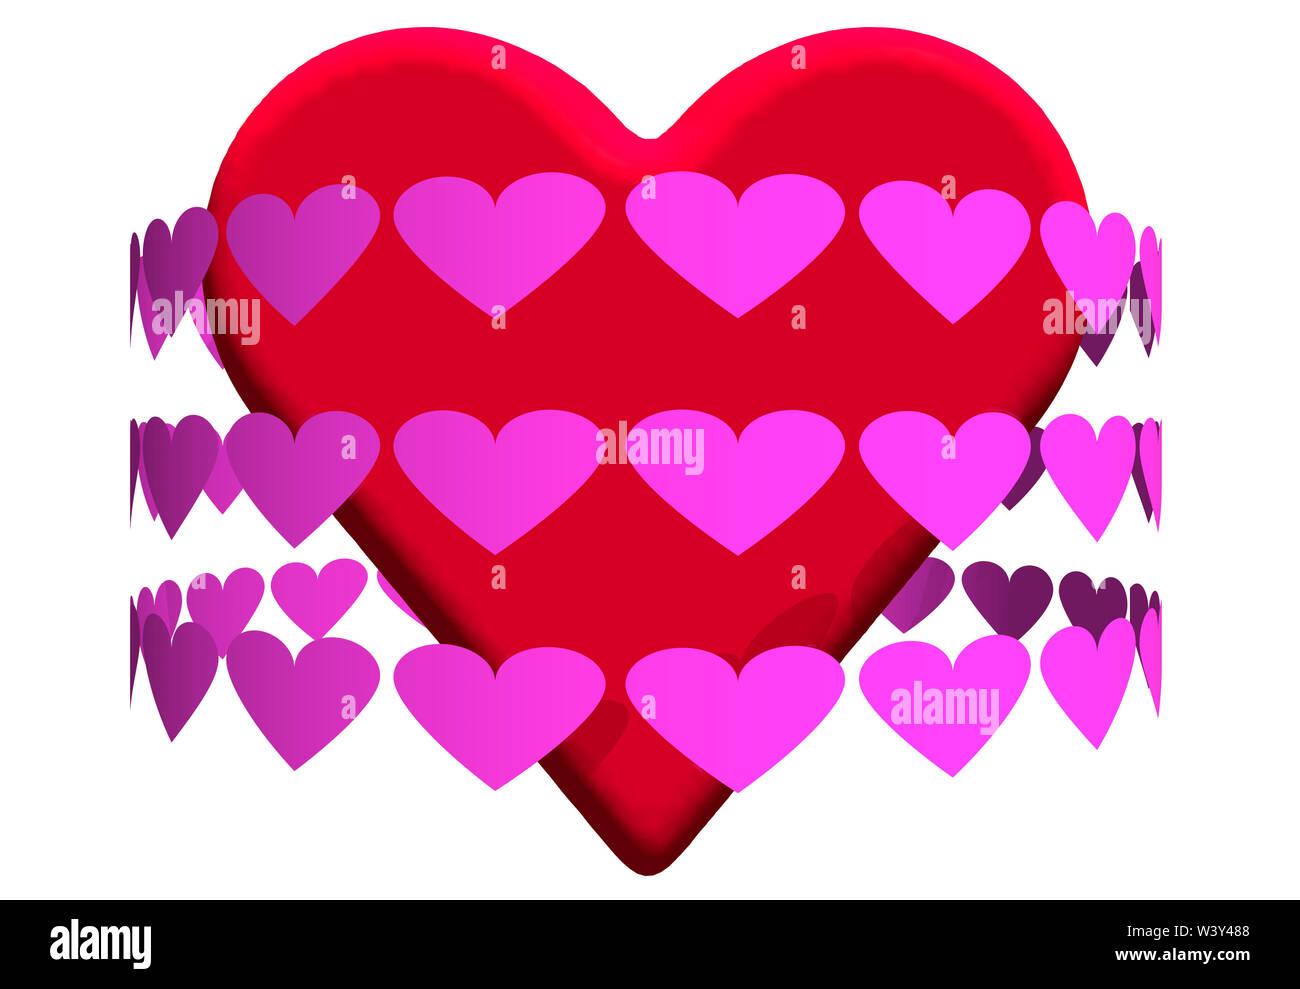 Gran corazón rojo rodeado de corazones de color rosa Imagen De Stock